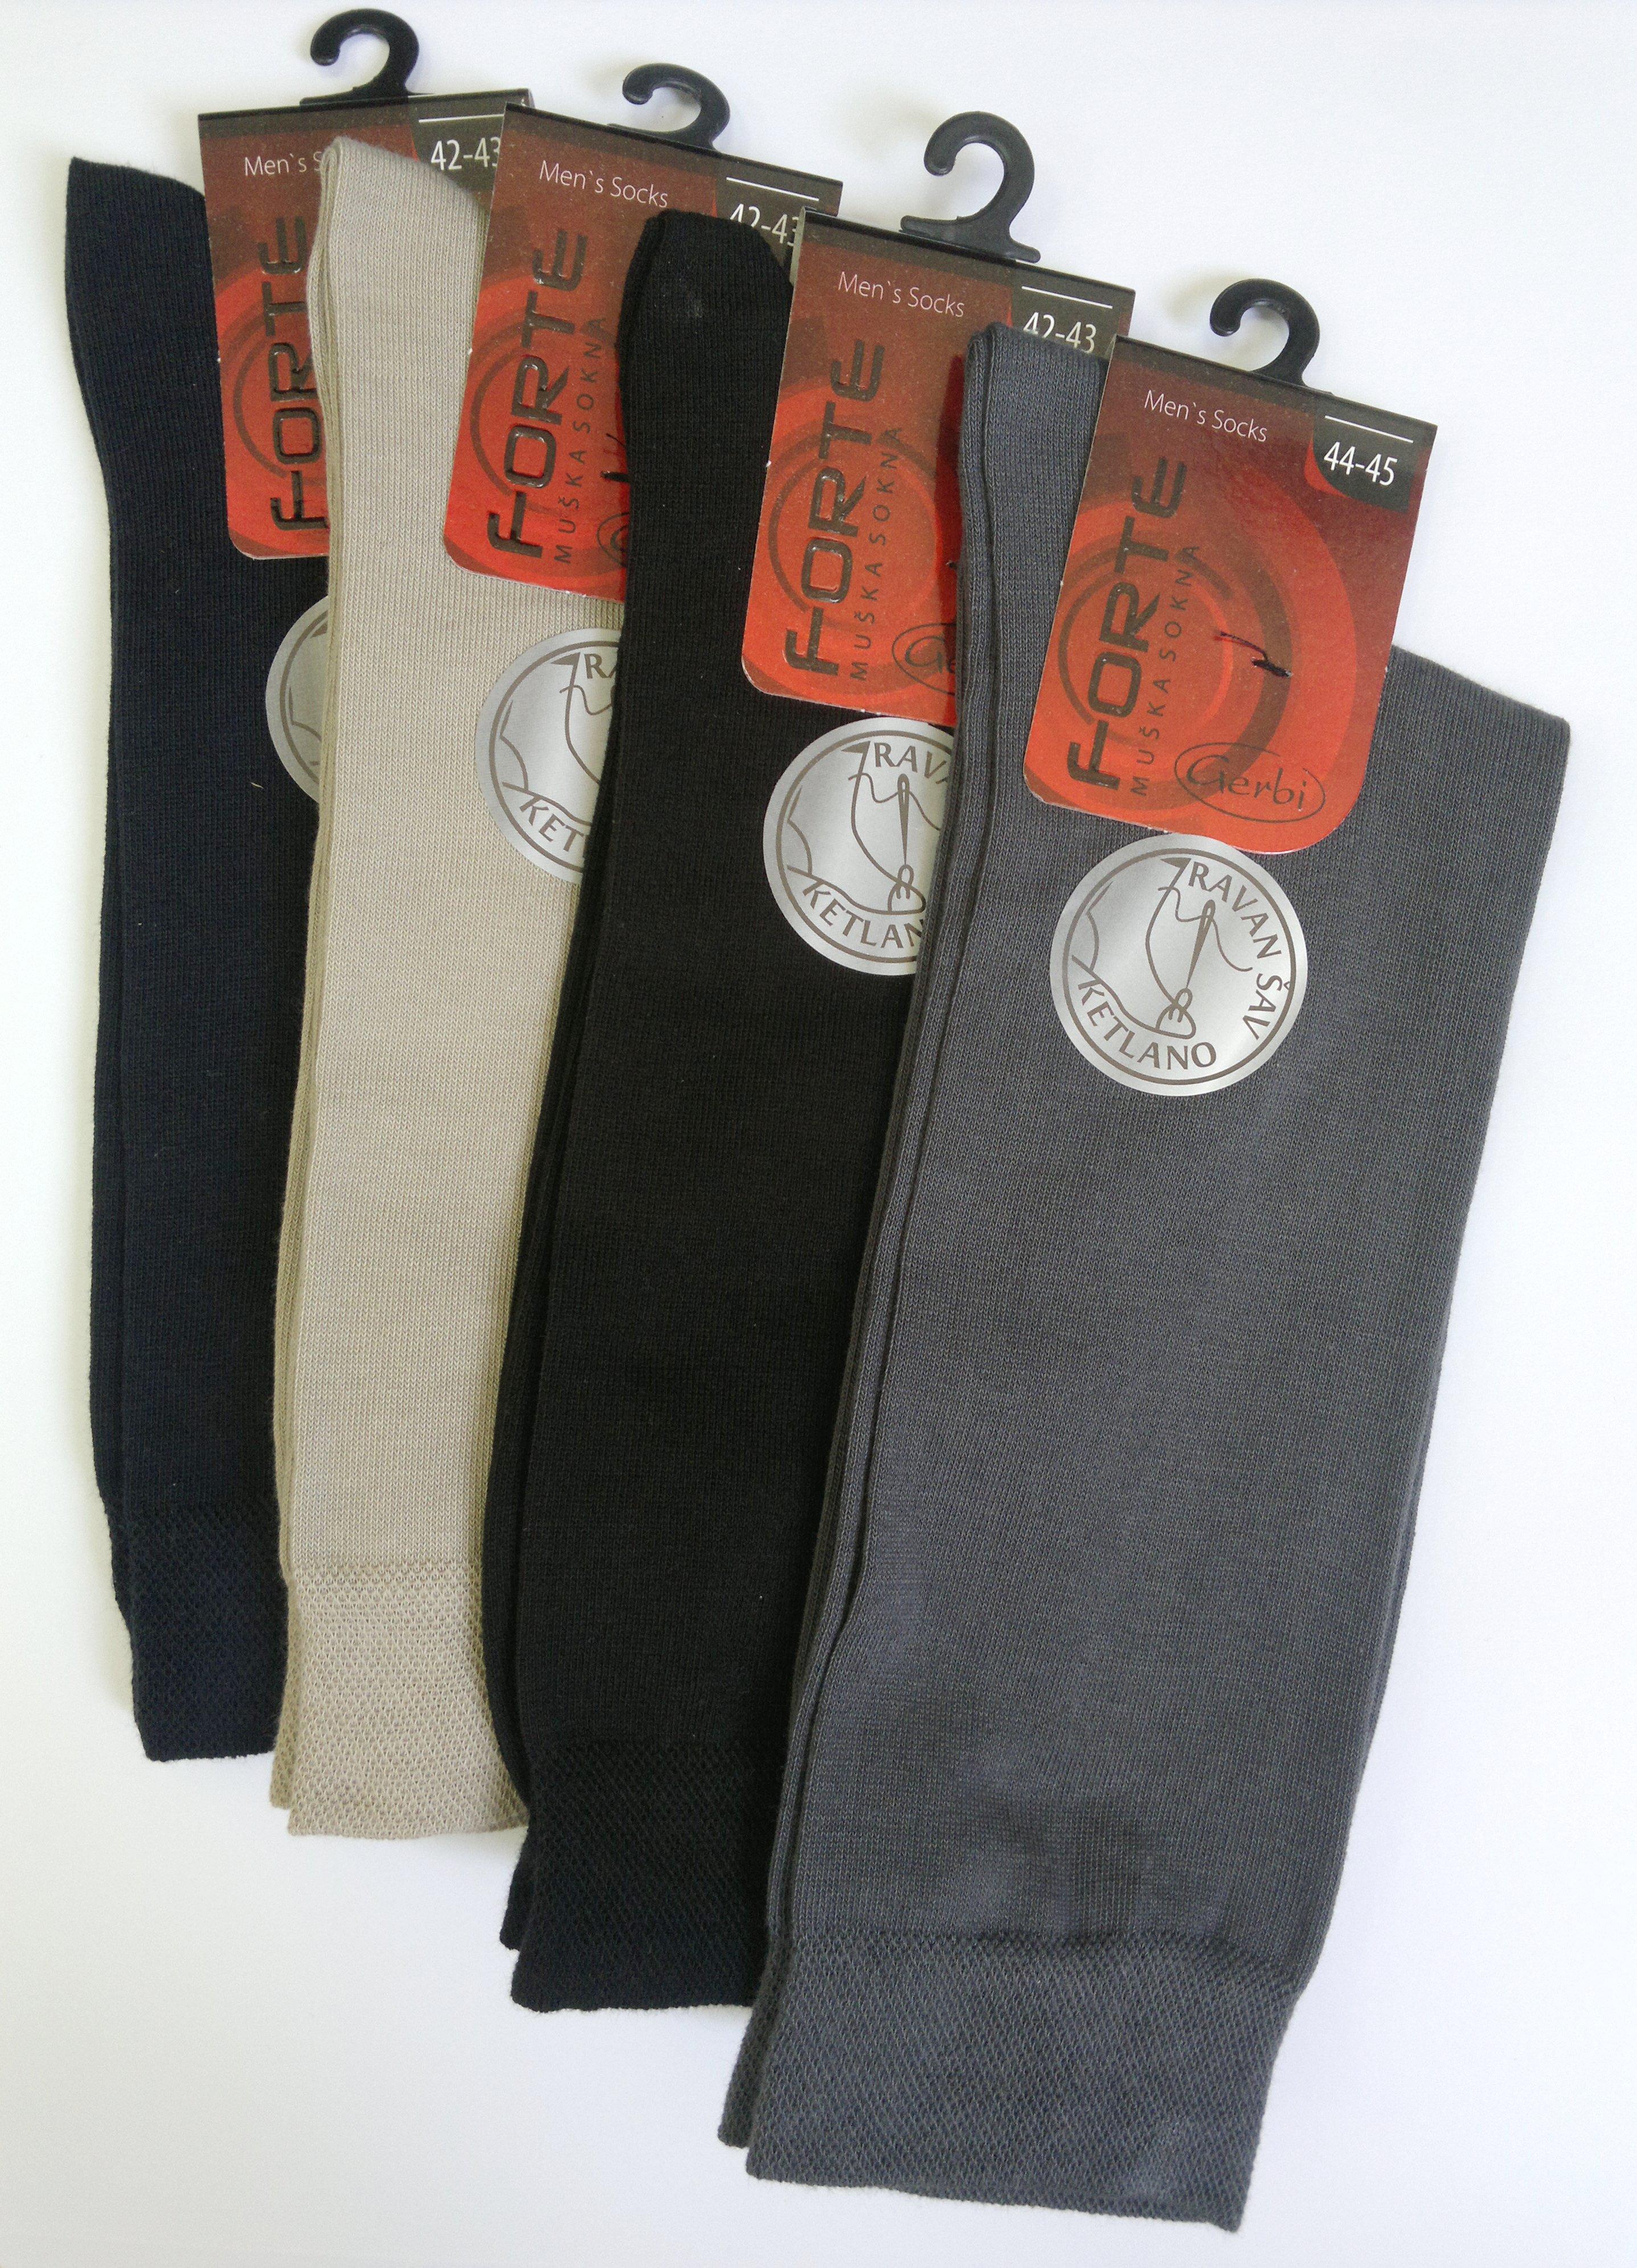 Gerbi doo Muške pamučne čarape u raznim bojama